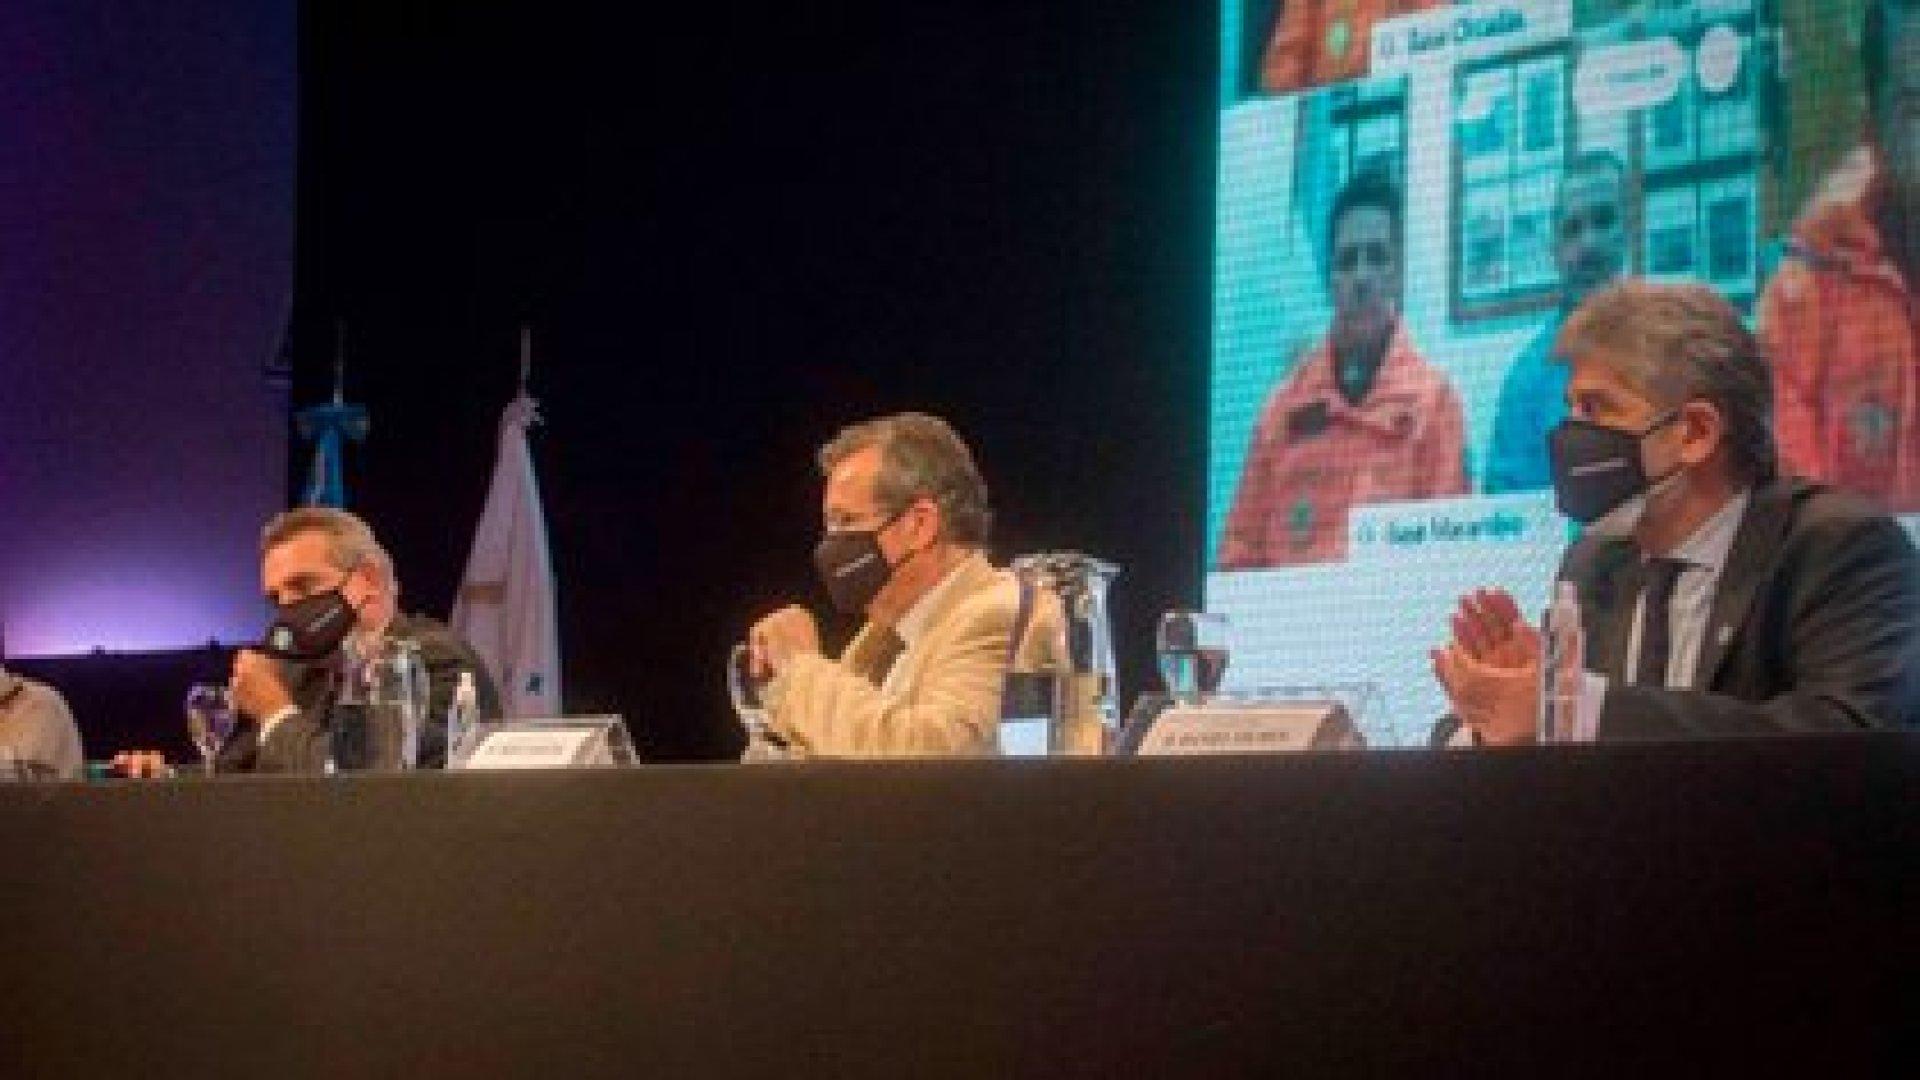 Tanto los funcionarios políticos como el Jefe del EMCO dialogaron con distintos jefes militares y científicos de las bases antárticas